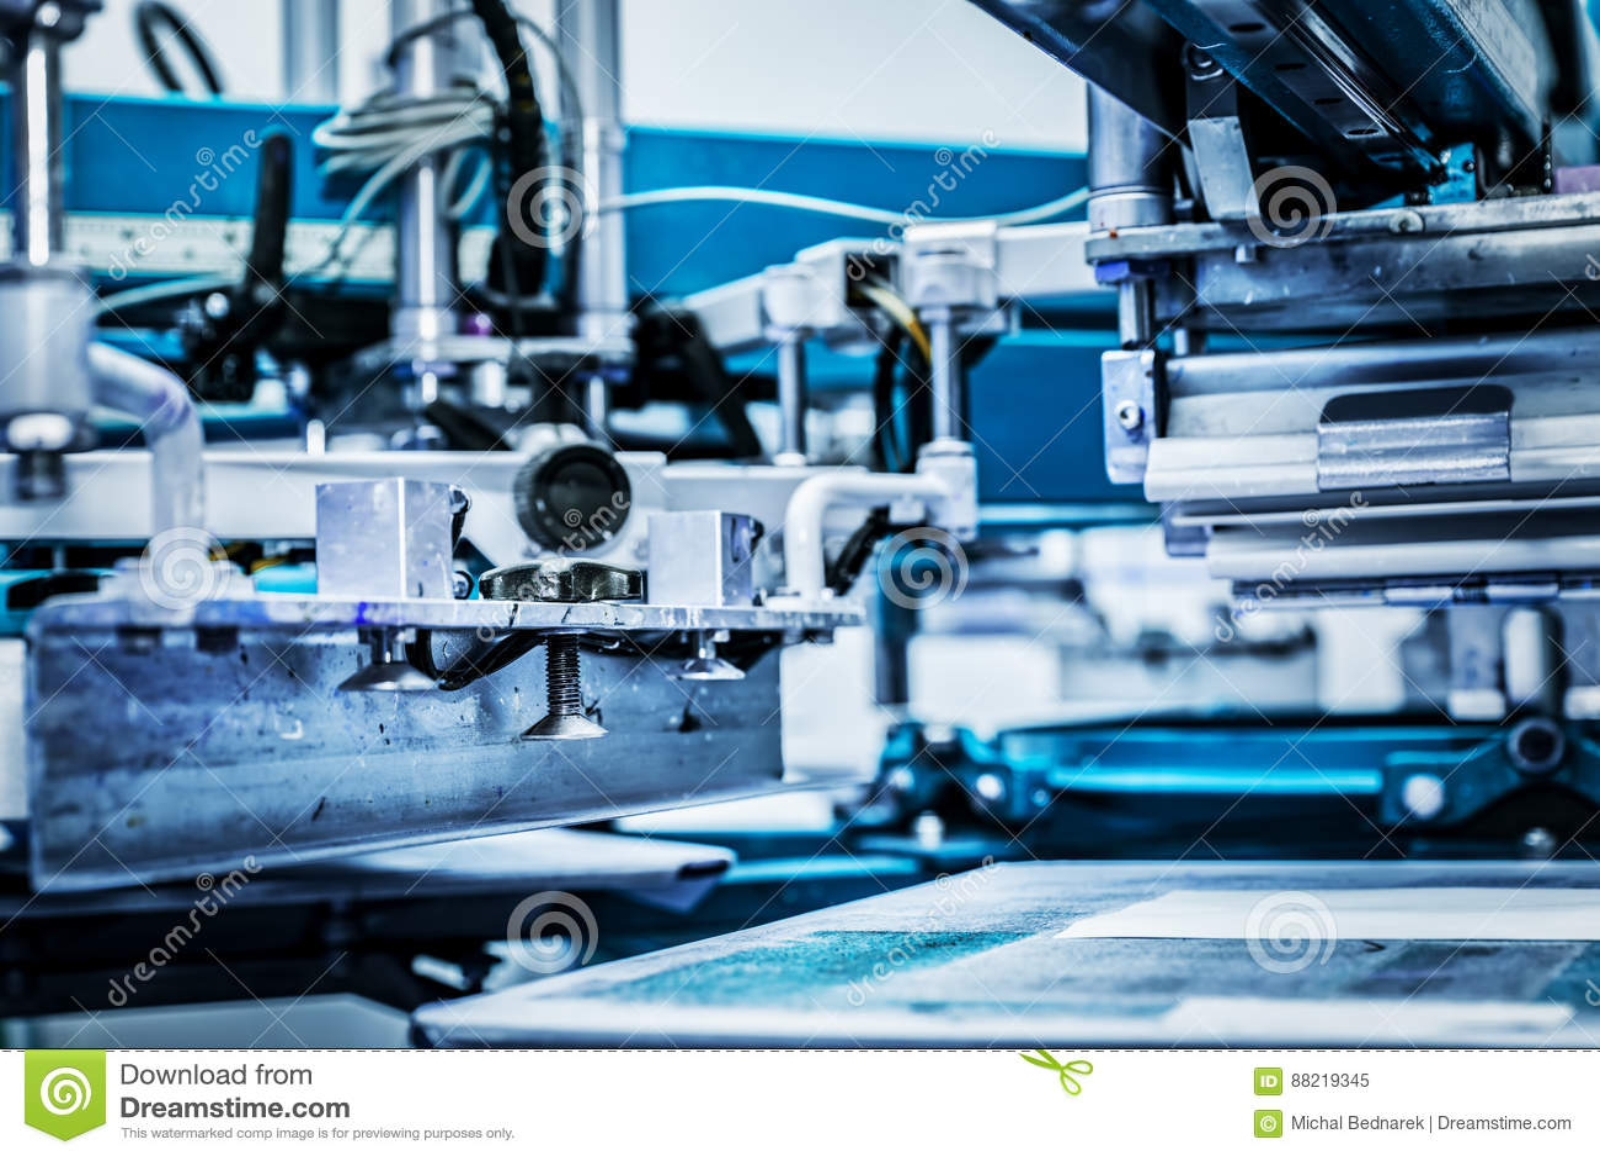 Industrial metal printing machinery.